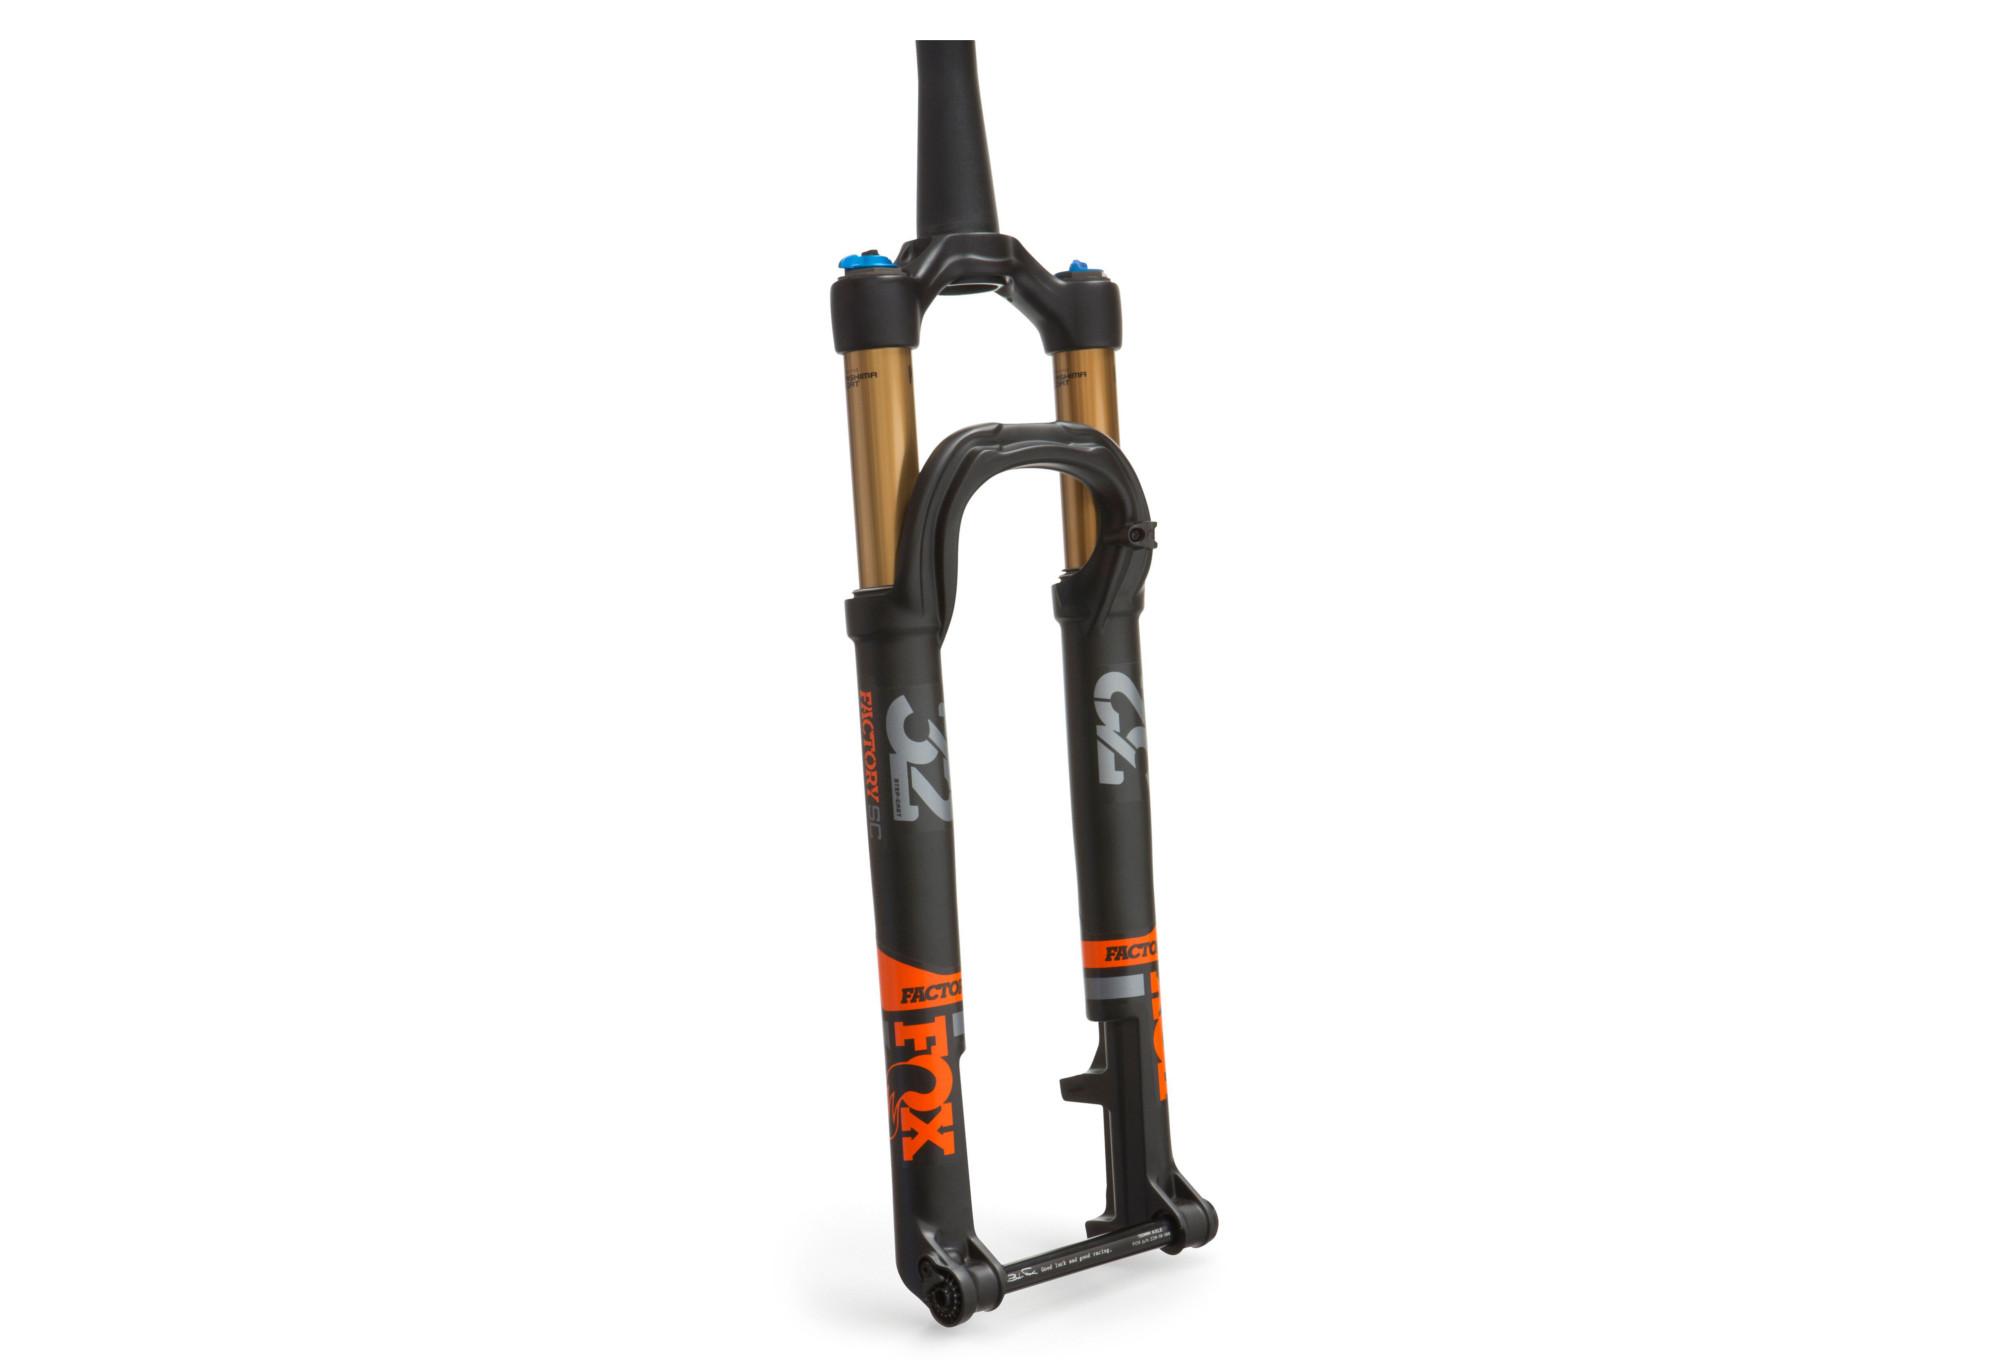 FOX RACING SHOX 2019 Fork 32 Float SC Factory FIT4 29'' Kabolt | Boost  15x110mm | Offset 51mm | Black